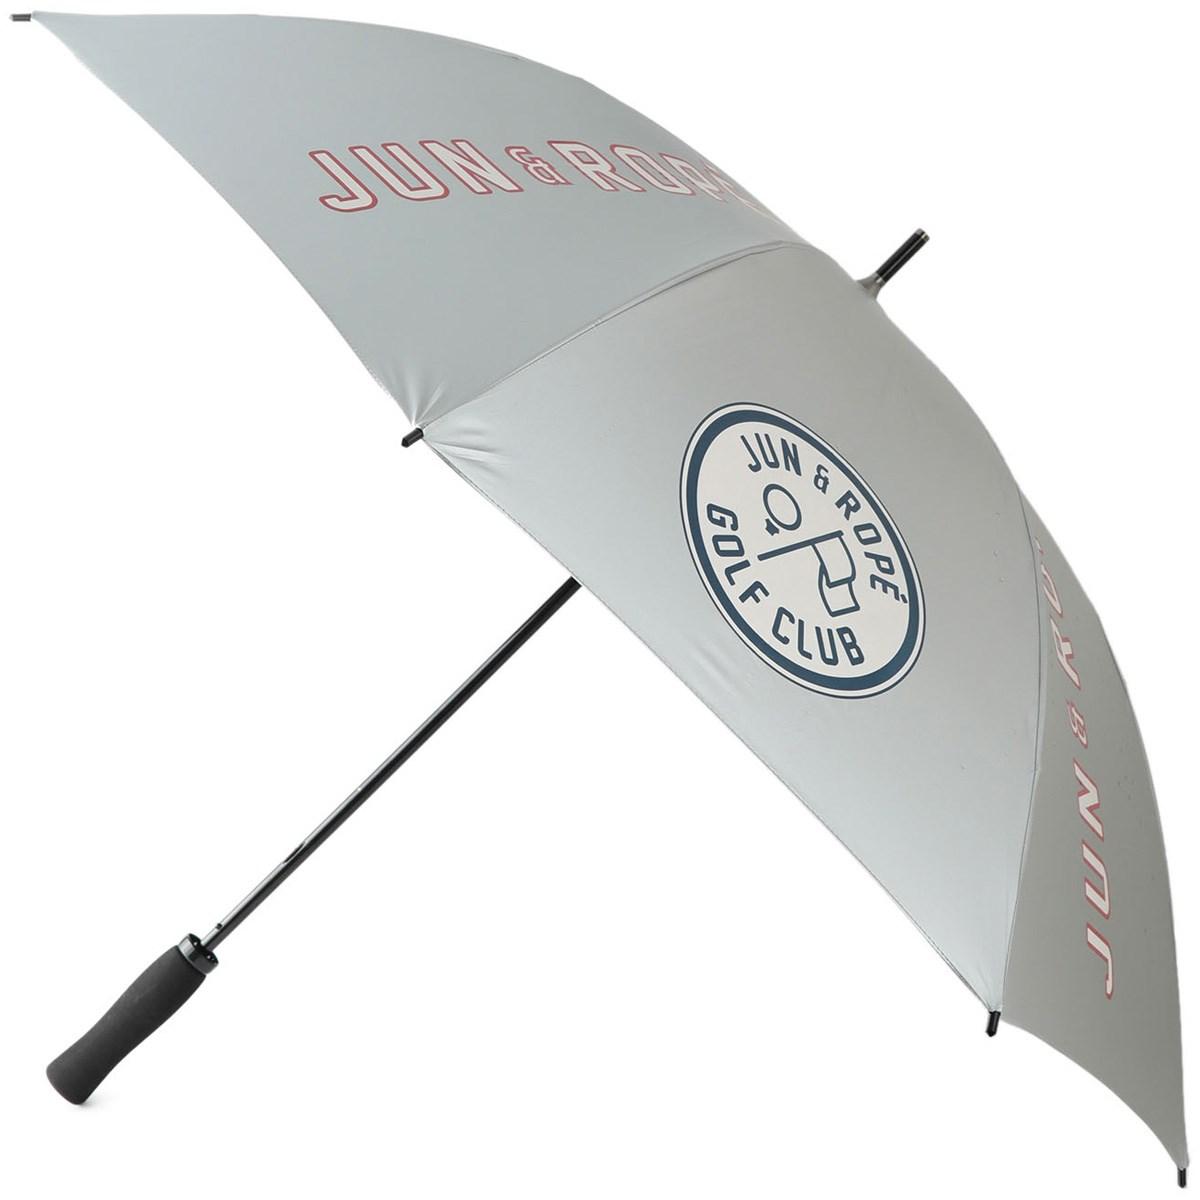 ジュン アンド ロペ ロゴ入りUV傘